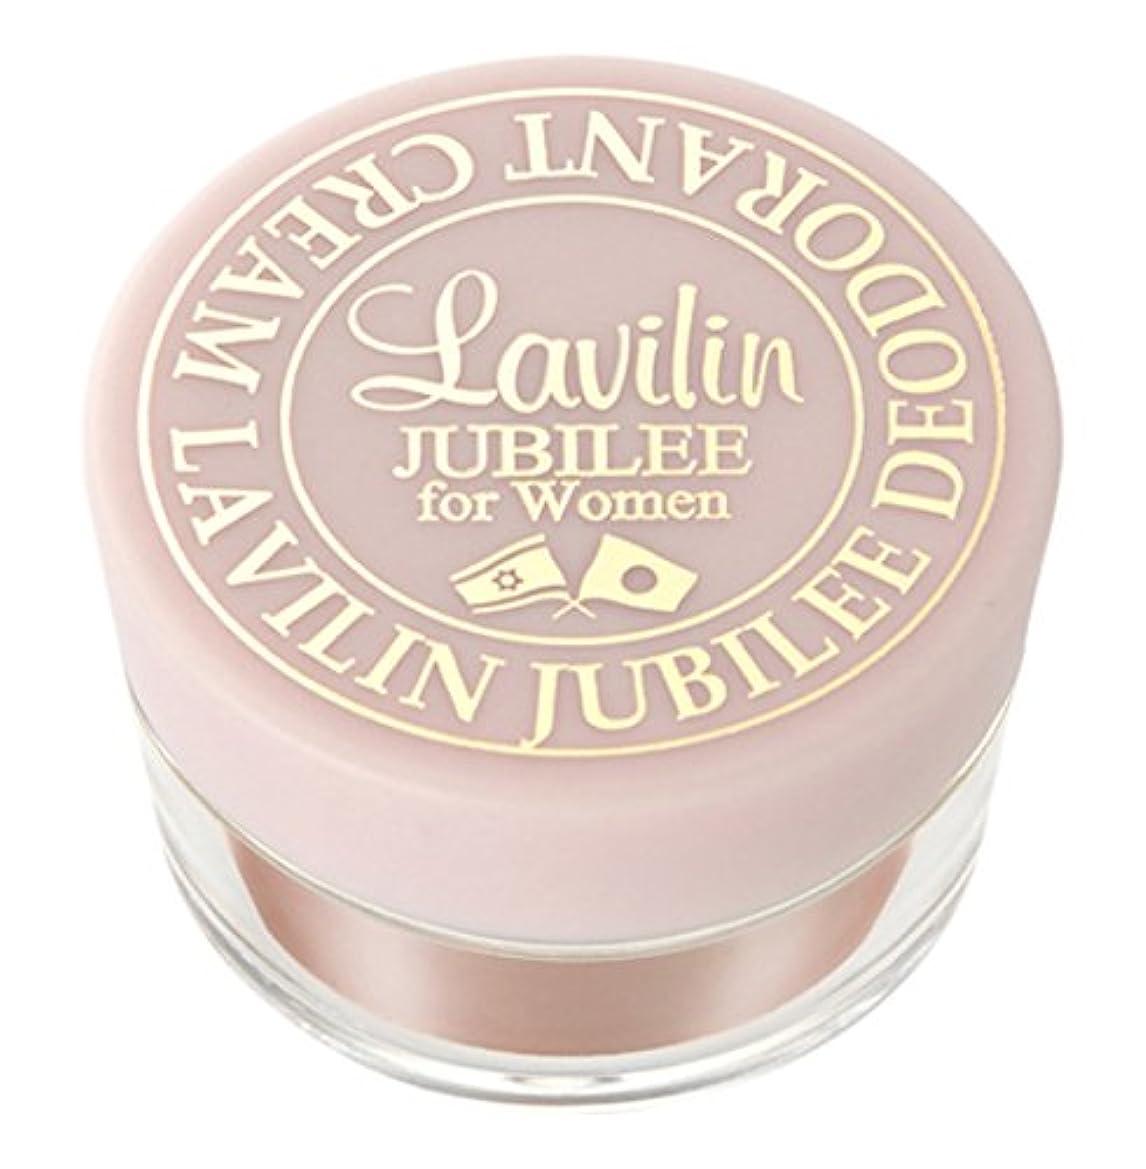 オレンジ肥満暗殺するLavilin Jubilee(ラヴィリンジュビリー)デオドラント ラヴィリンジュビリー フォーウーメン15g